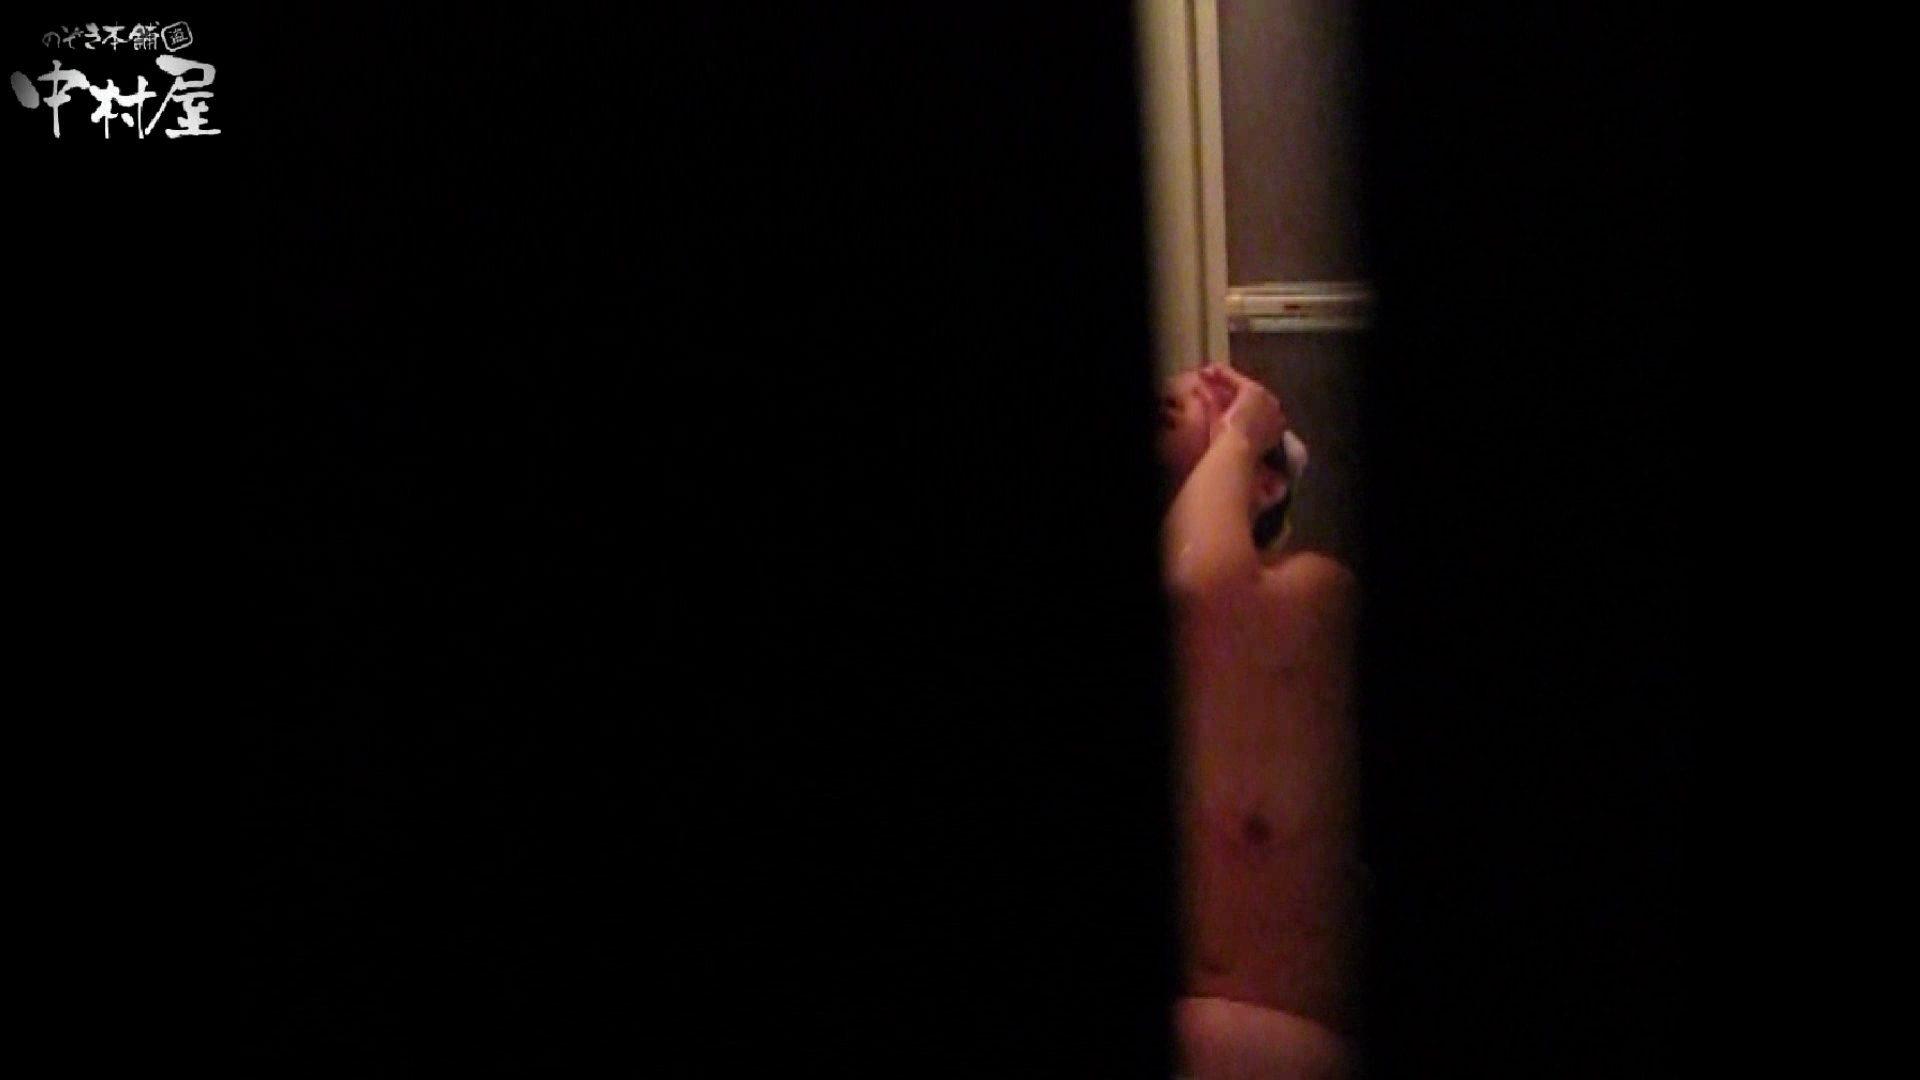 民家風呂専門盗撮師の超危険映像 vol.004 民家   美少女ヌード  80pic 31